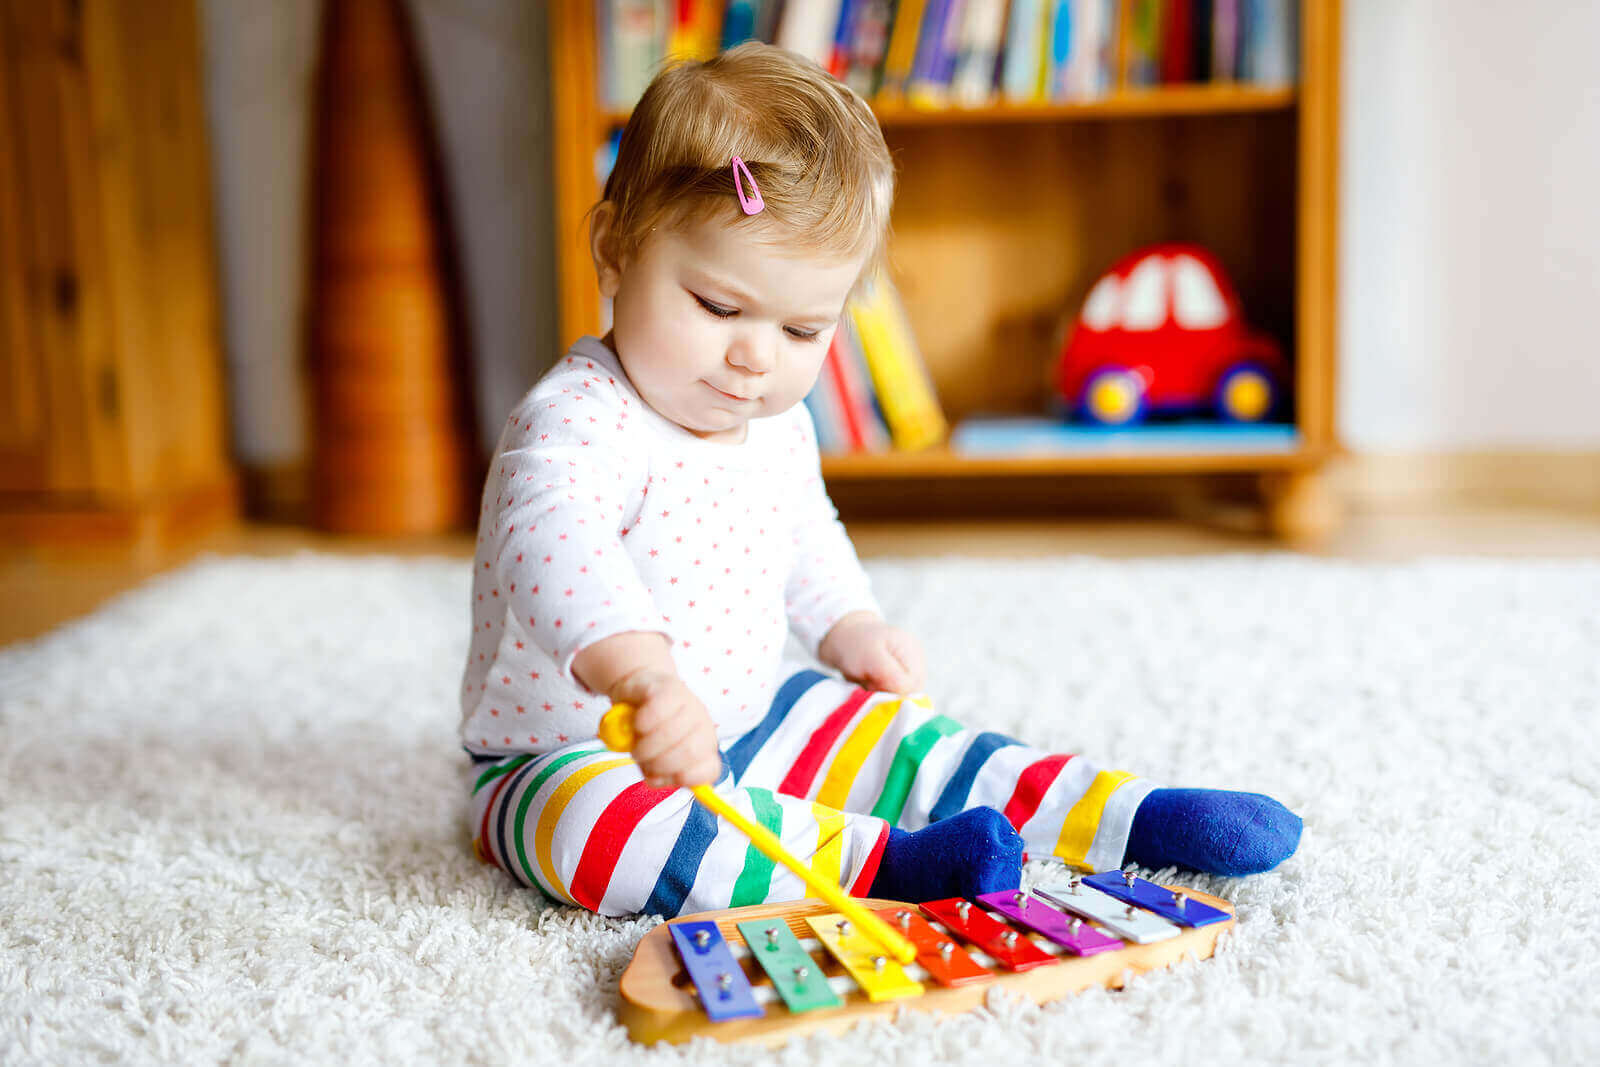 Jokainen lapsi kehittyy omaan tahtiinsa, eikä lapsia pidä vertailla keskenään